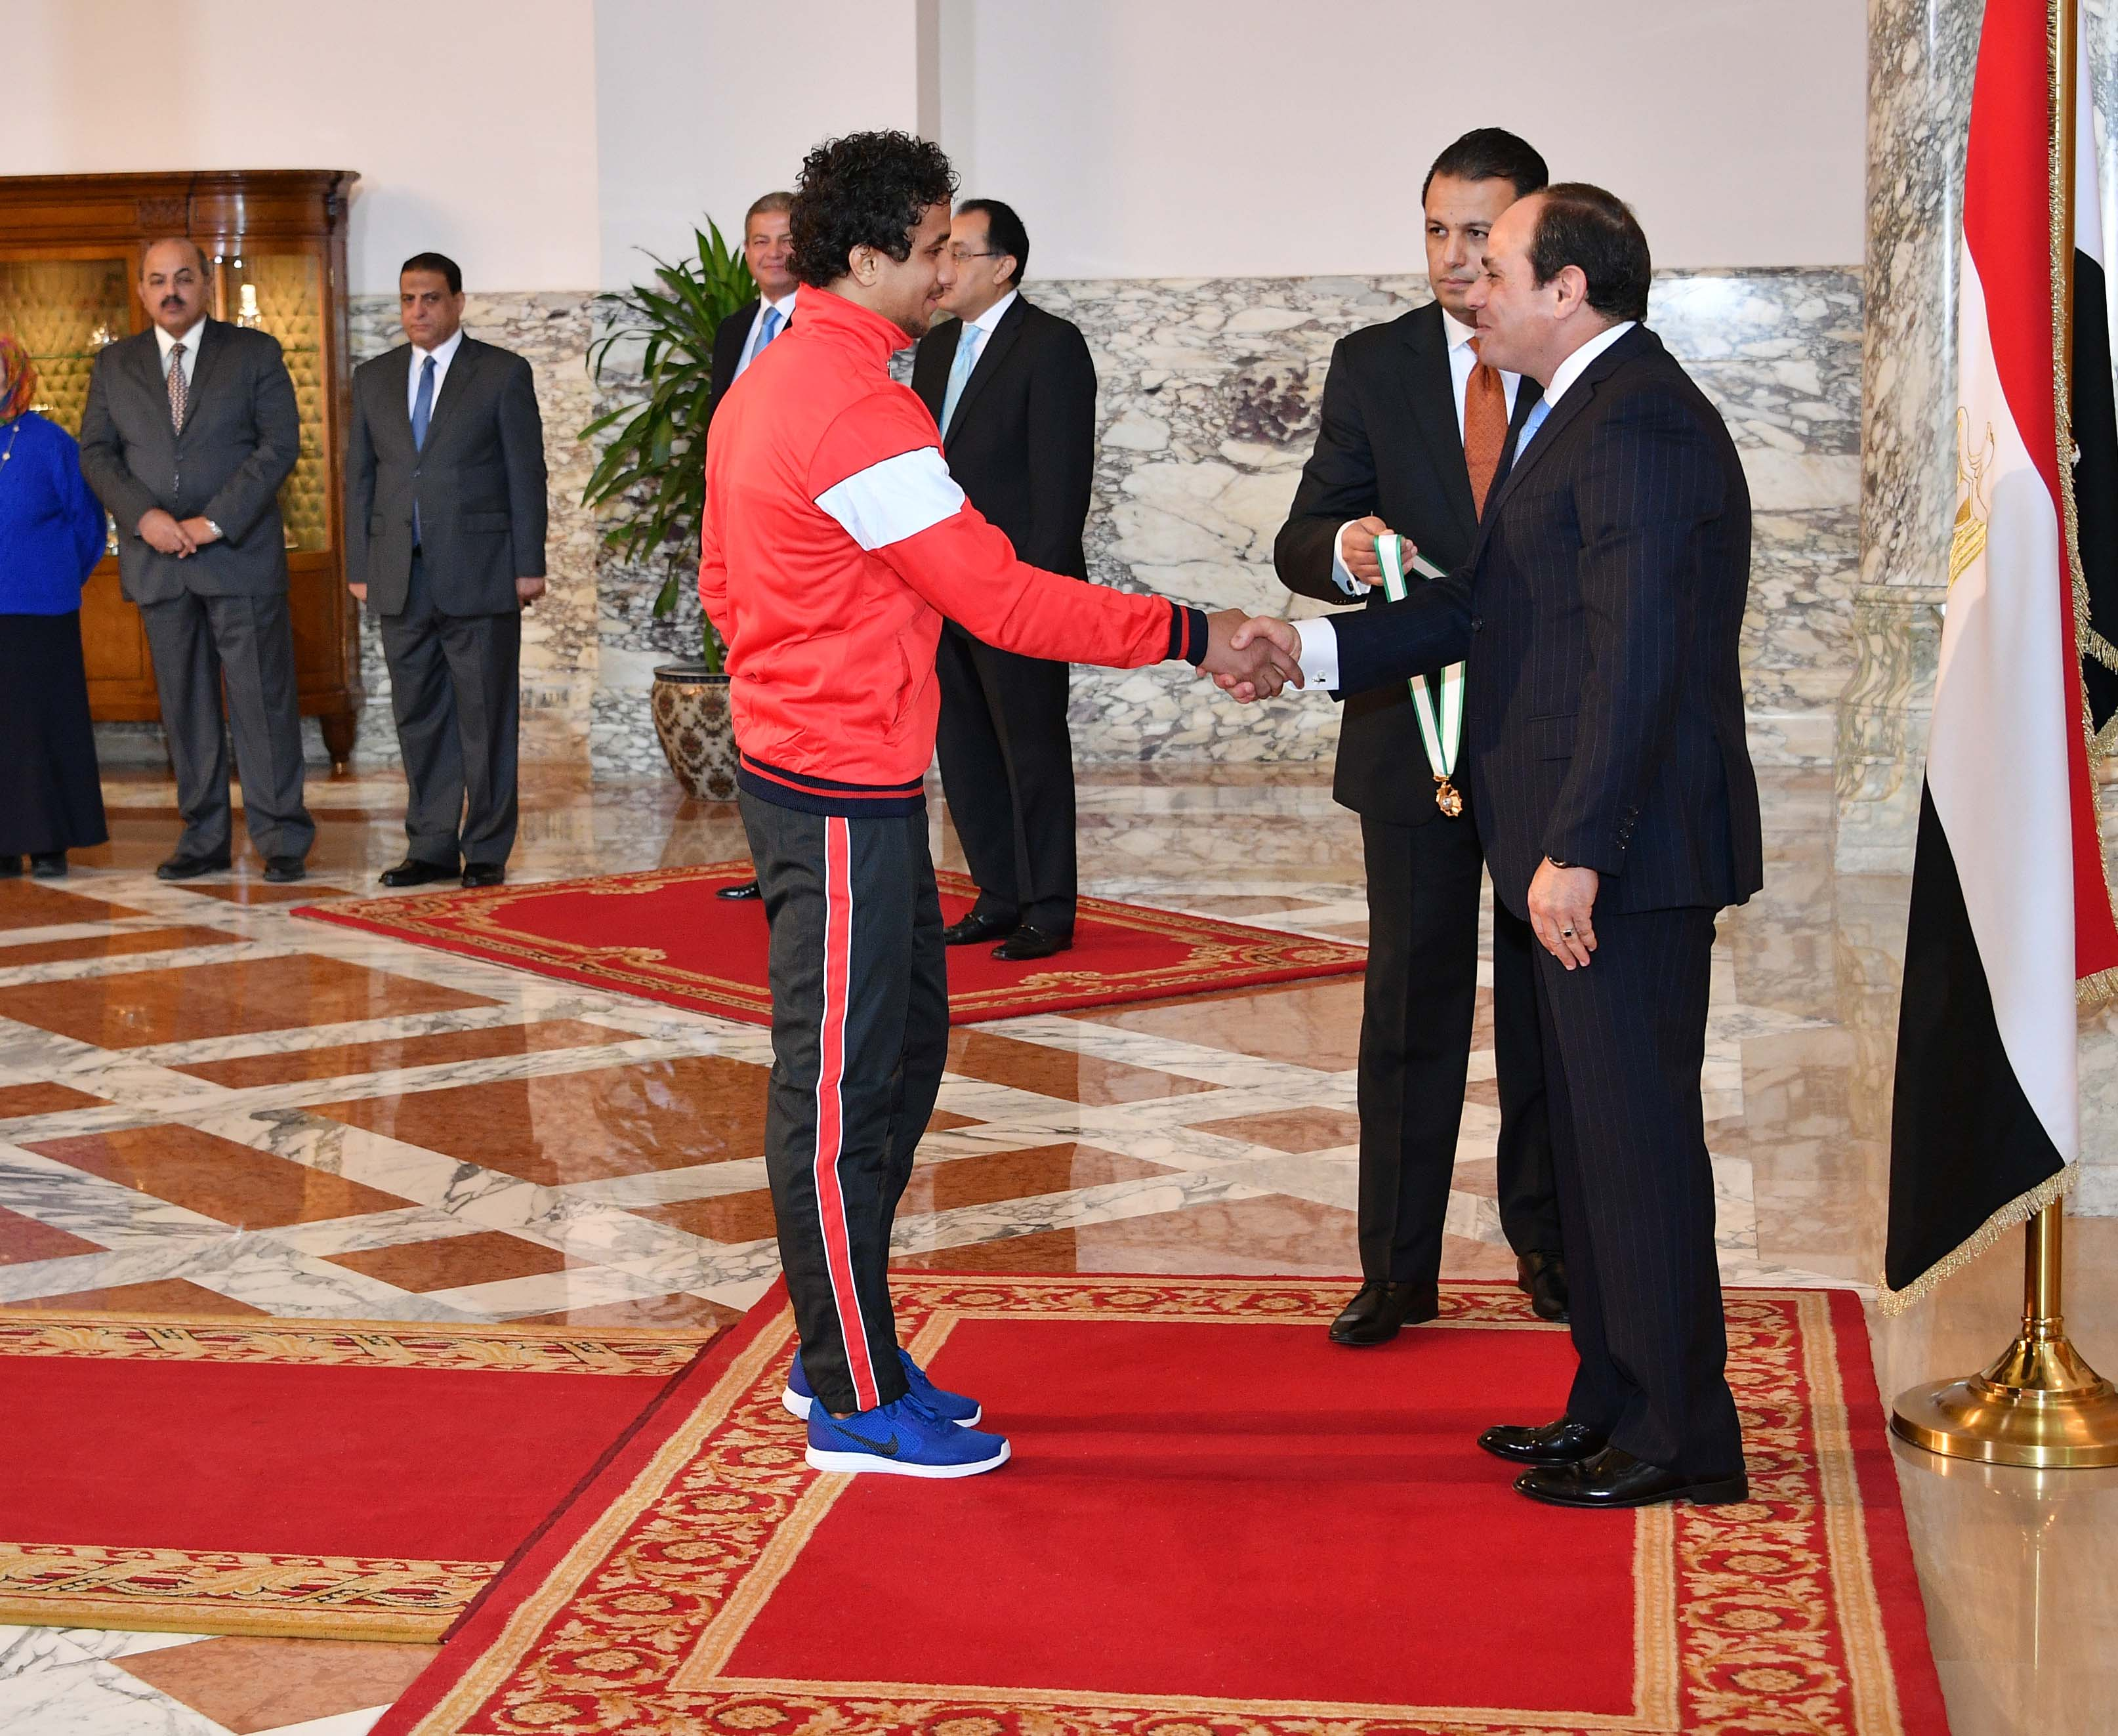 السيسى يمنح أوسمة الجمهورية للأبطال الرياضيين  (5)